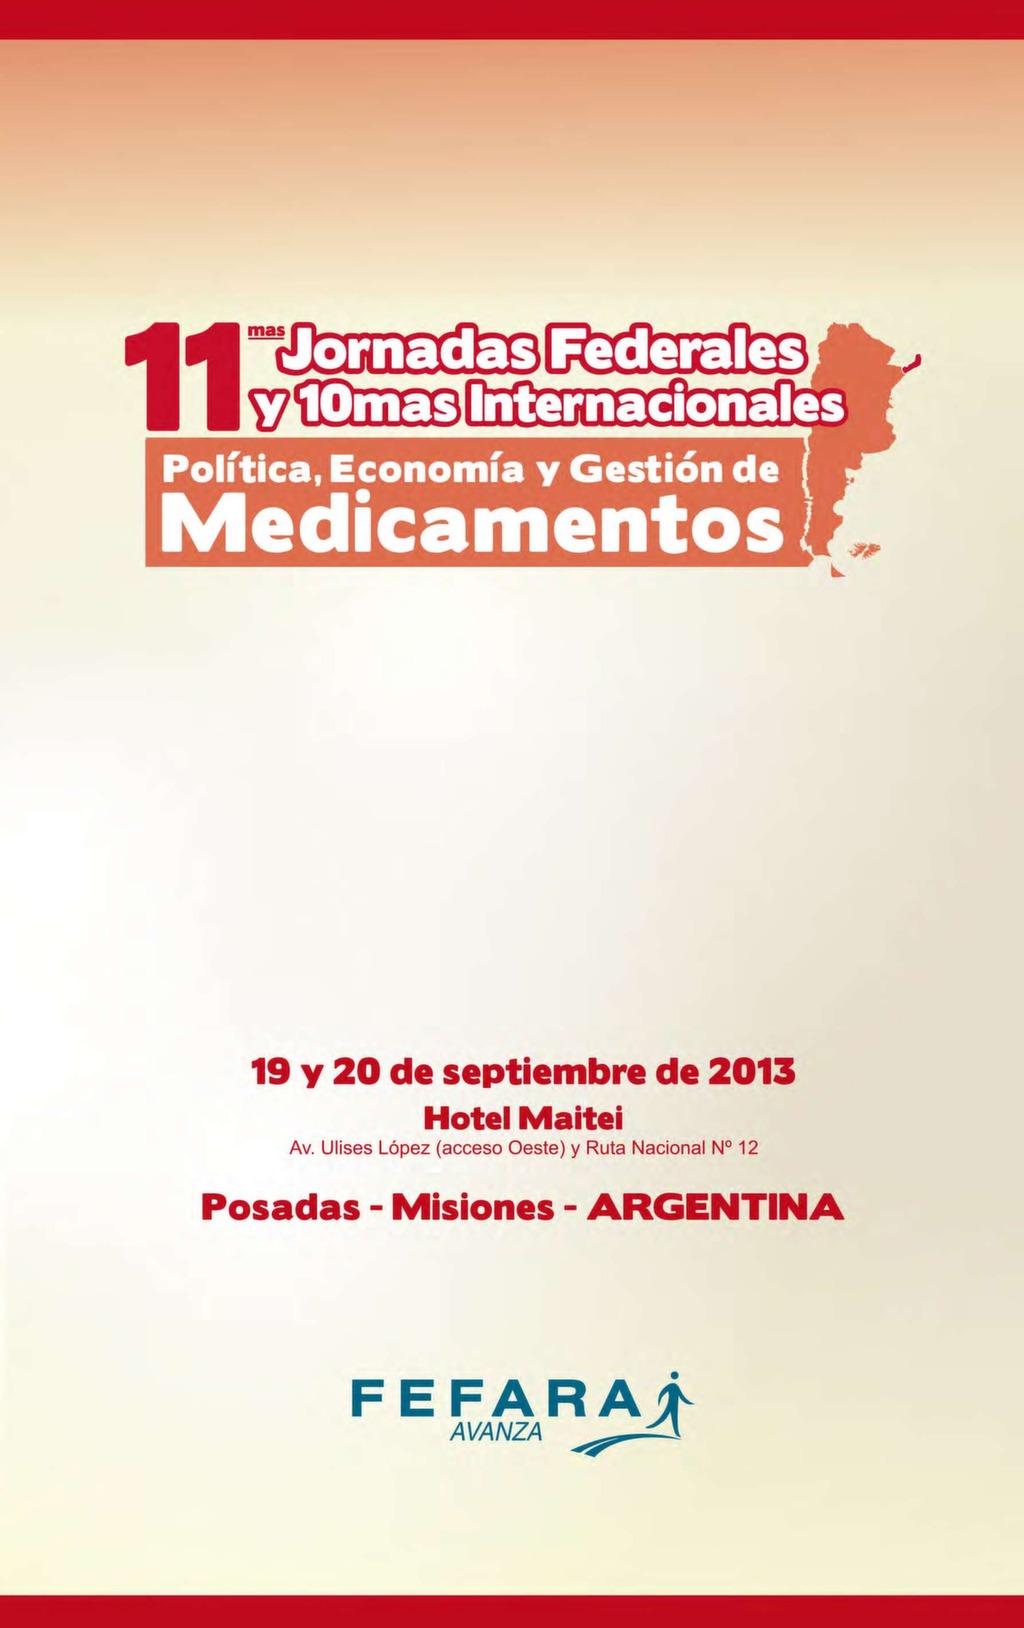 Jornadas año 2013 Image